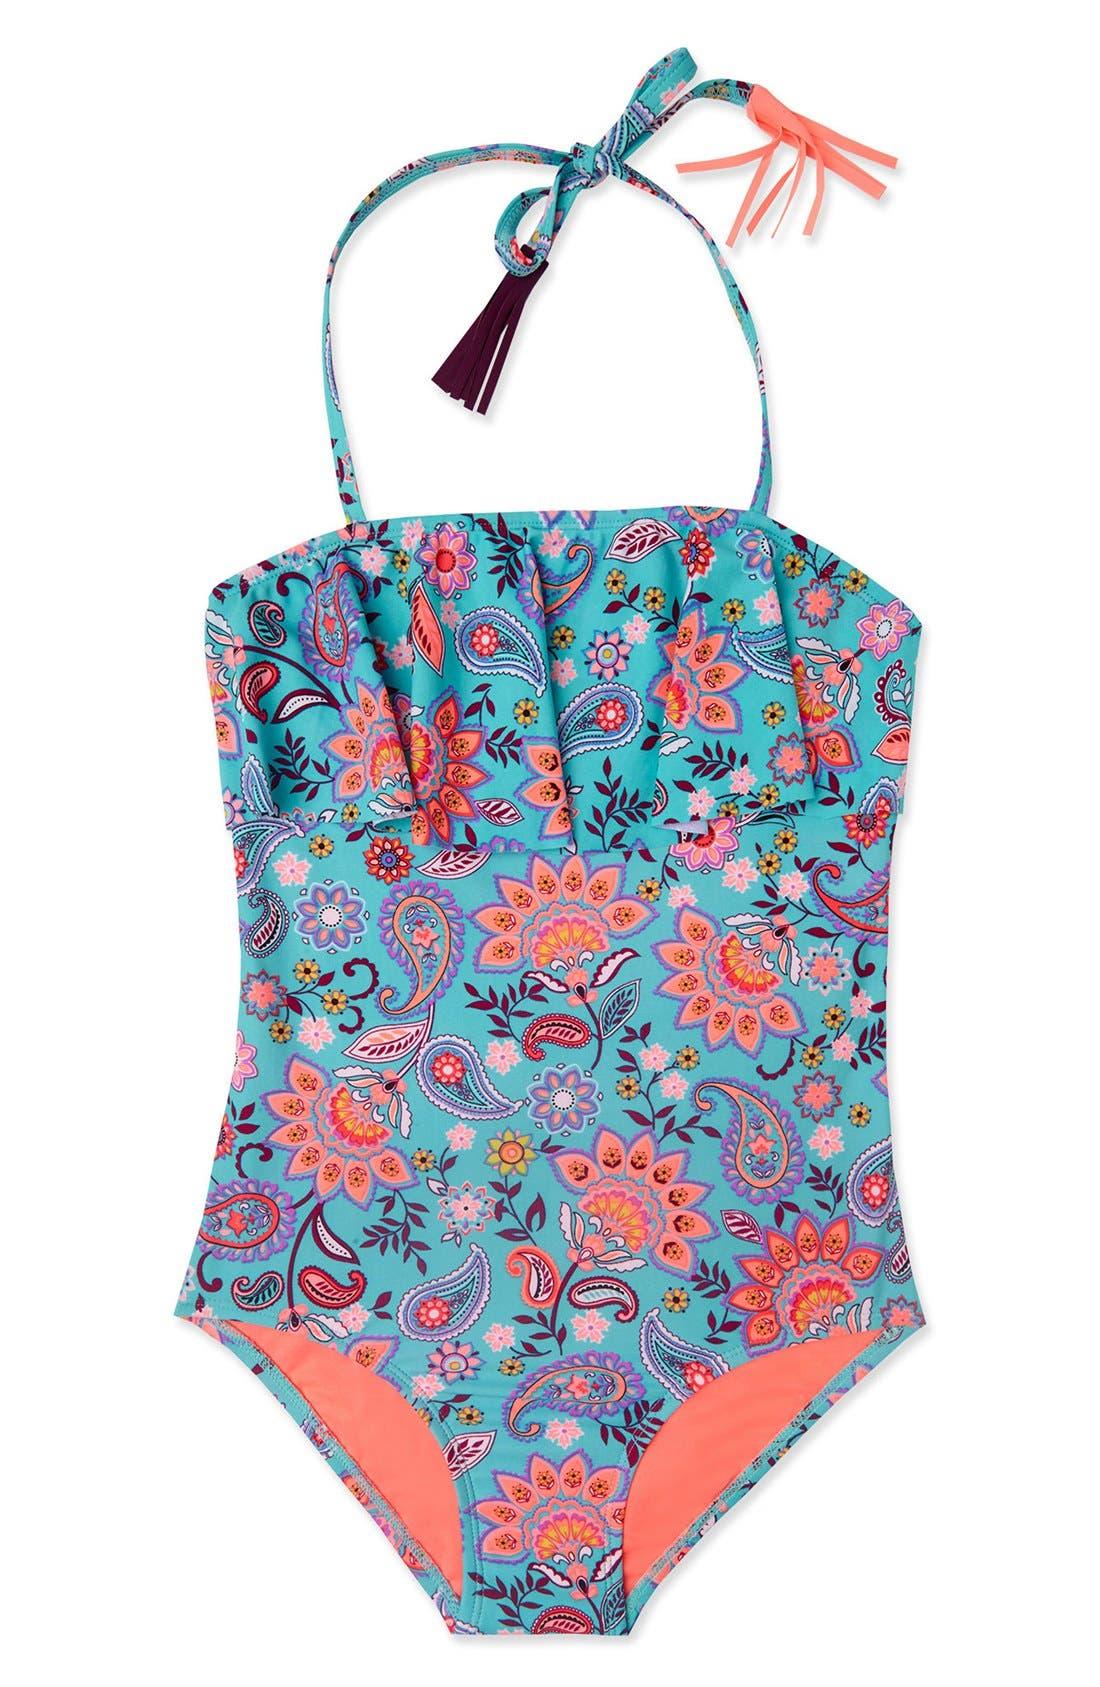 GOSSIP GIRL Le Corsaire Print One-Piece Swimsuit